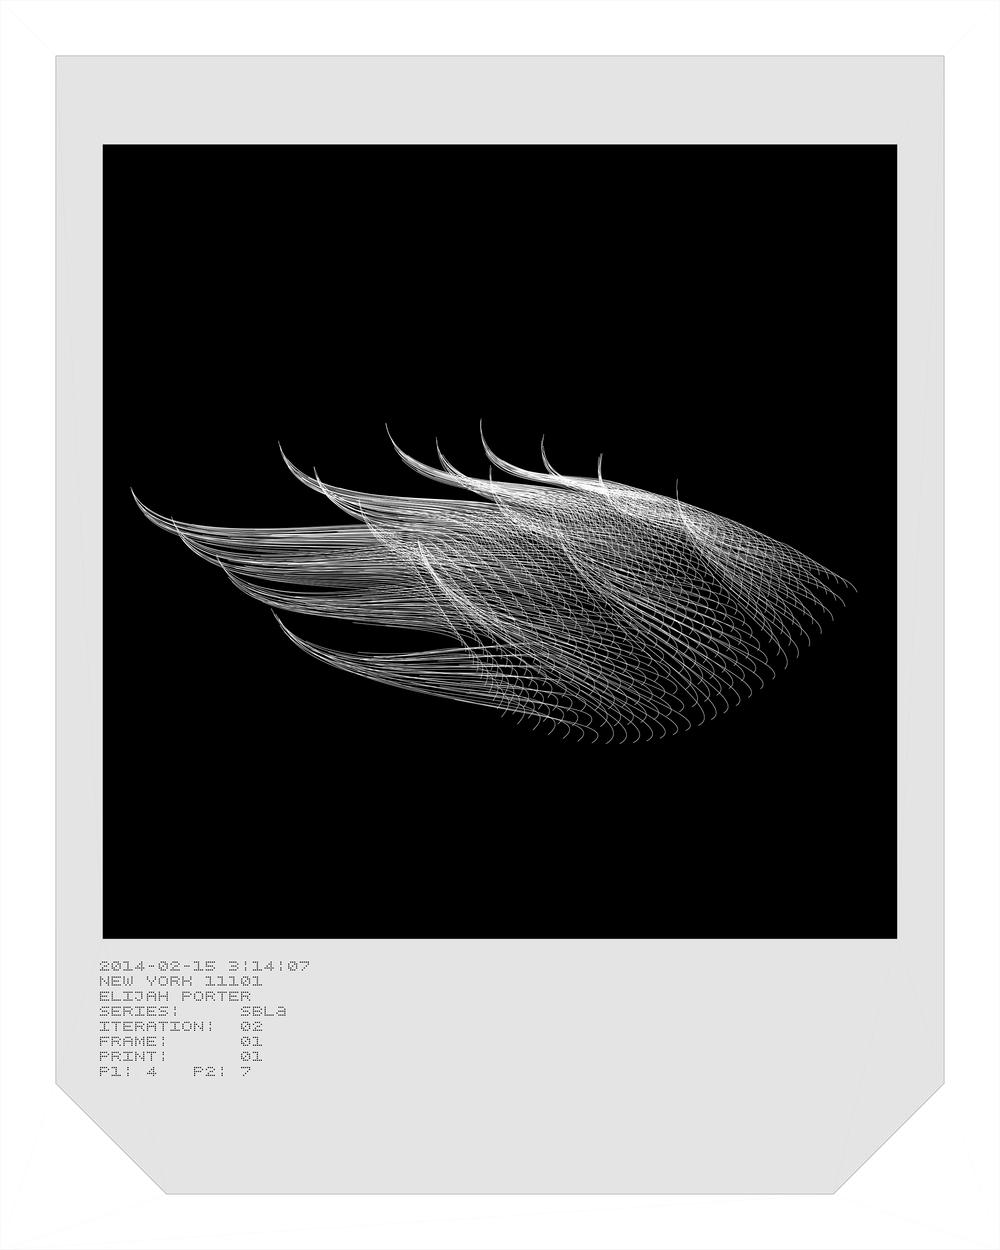 SBLa_02-01-01_24x30.jpg